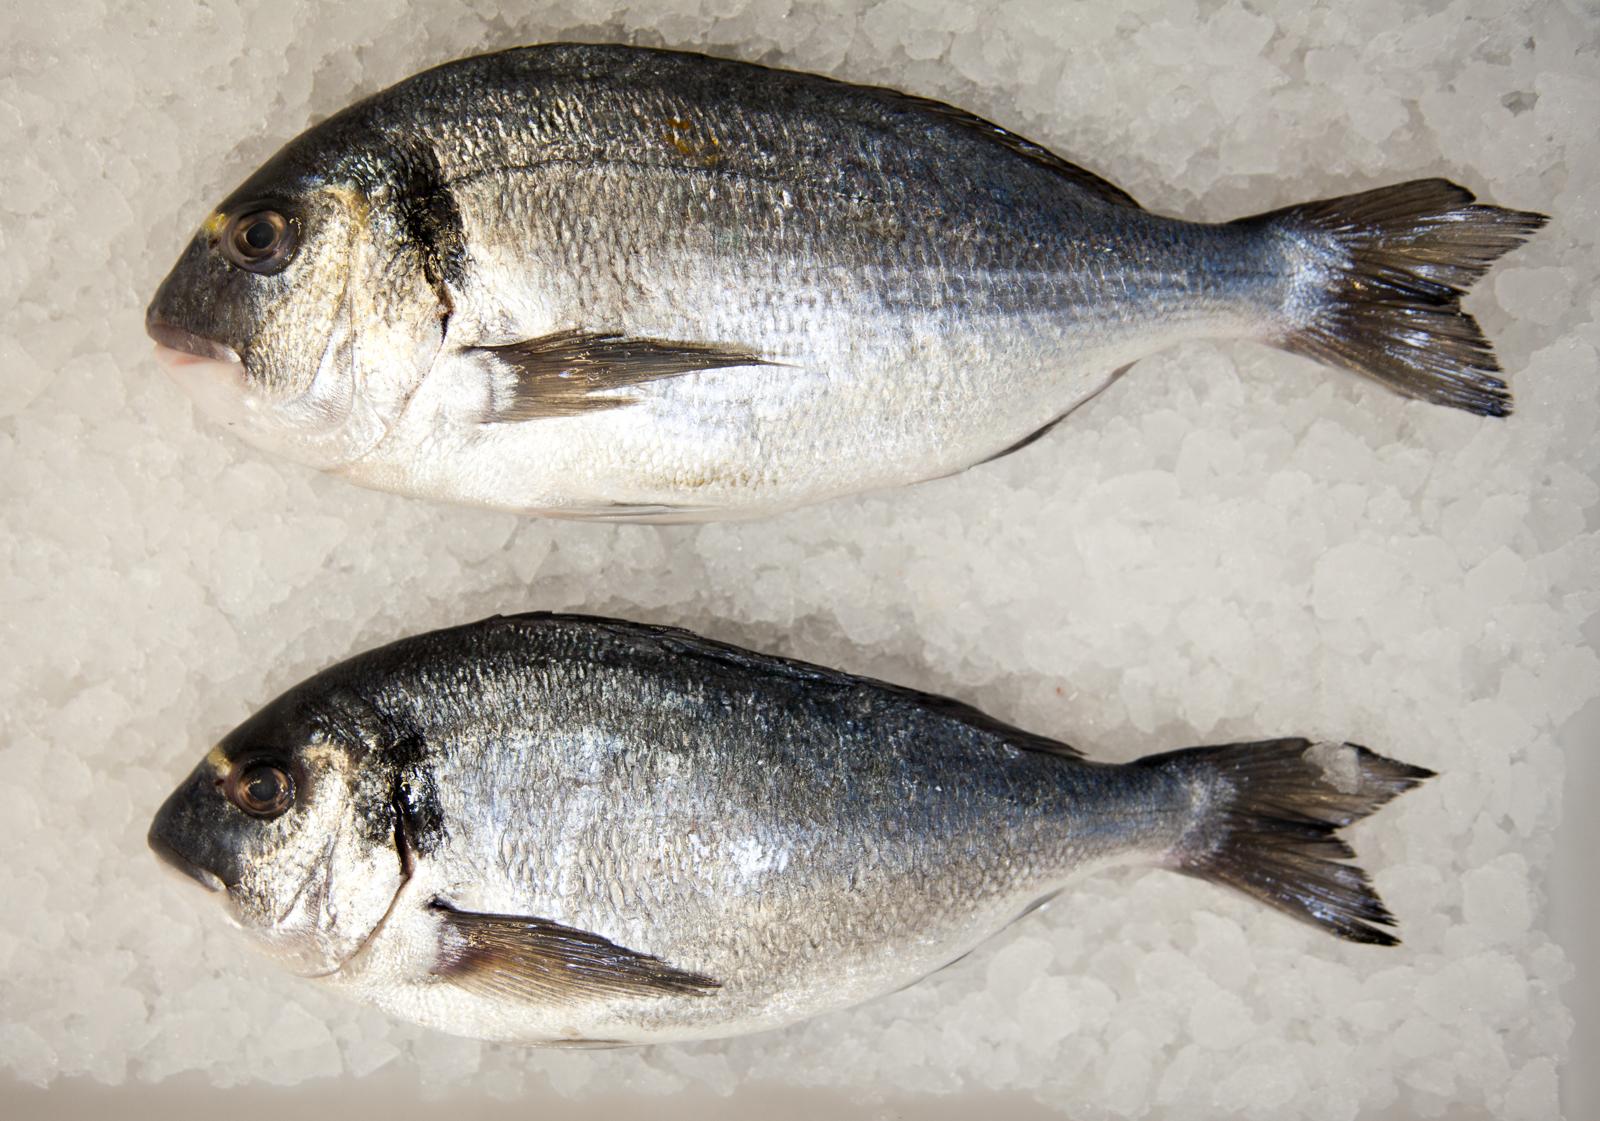 ecclesall_fisheries-2442-1